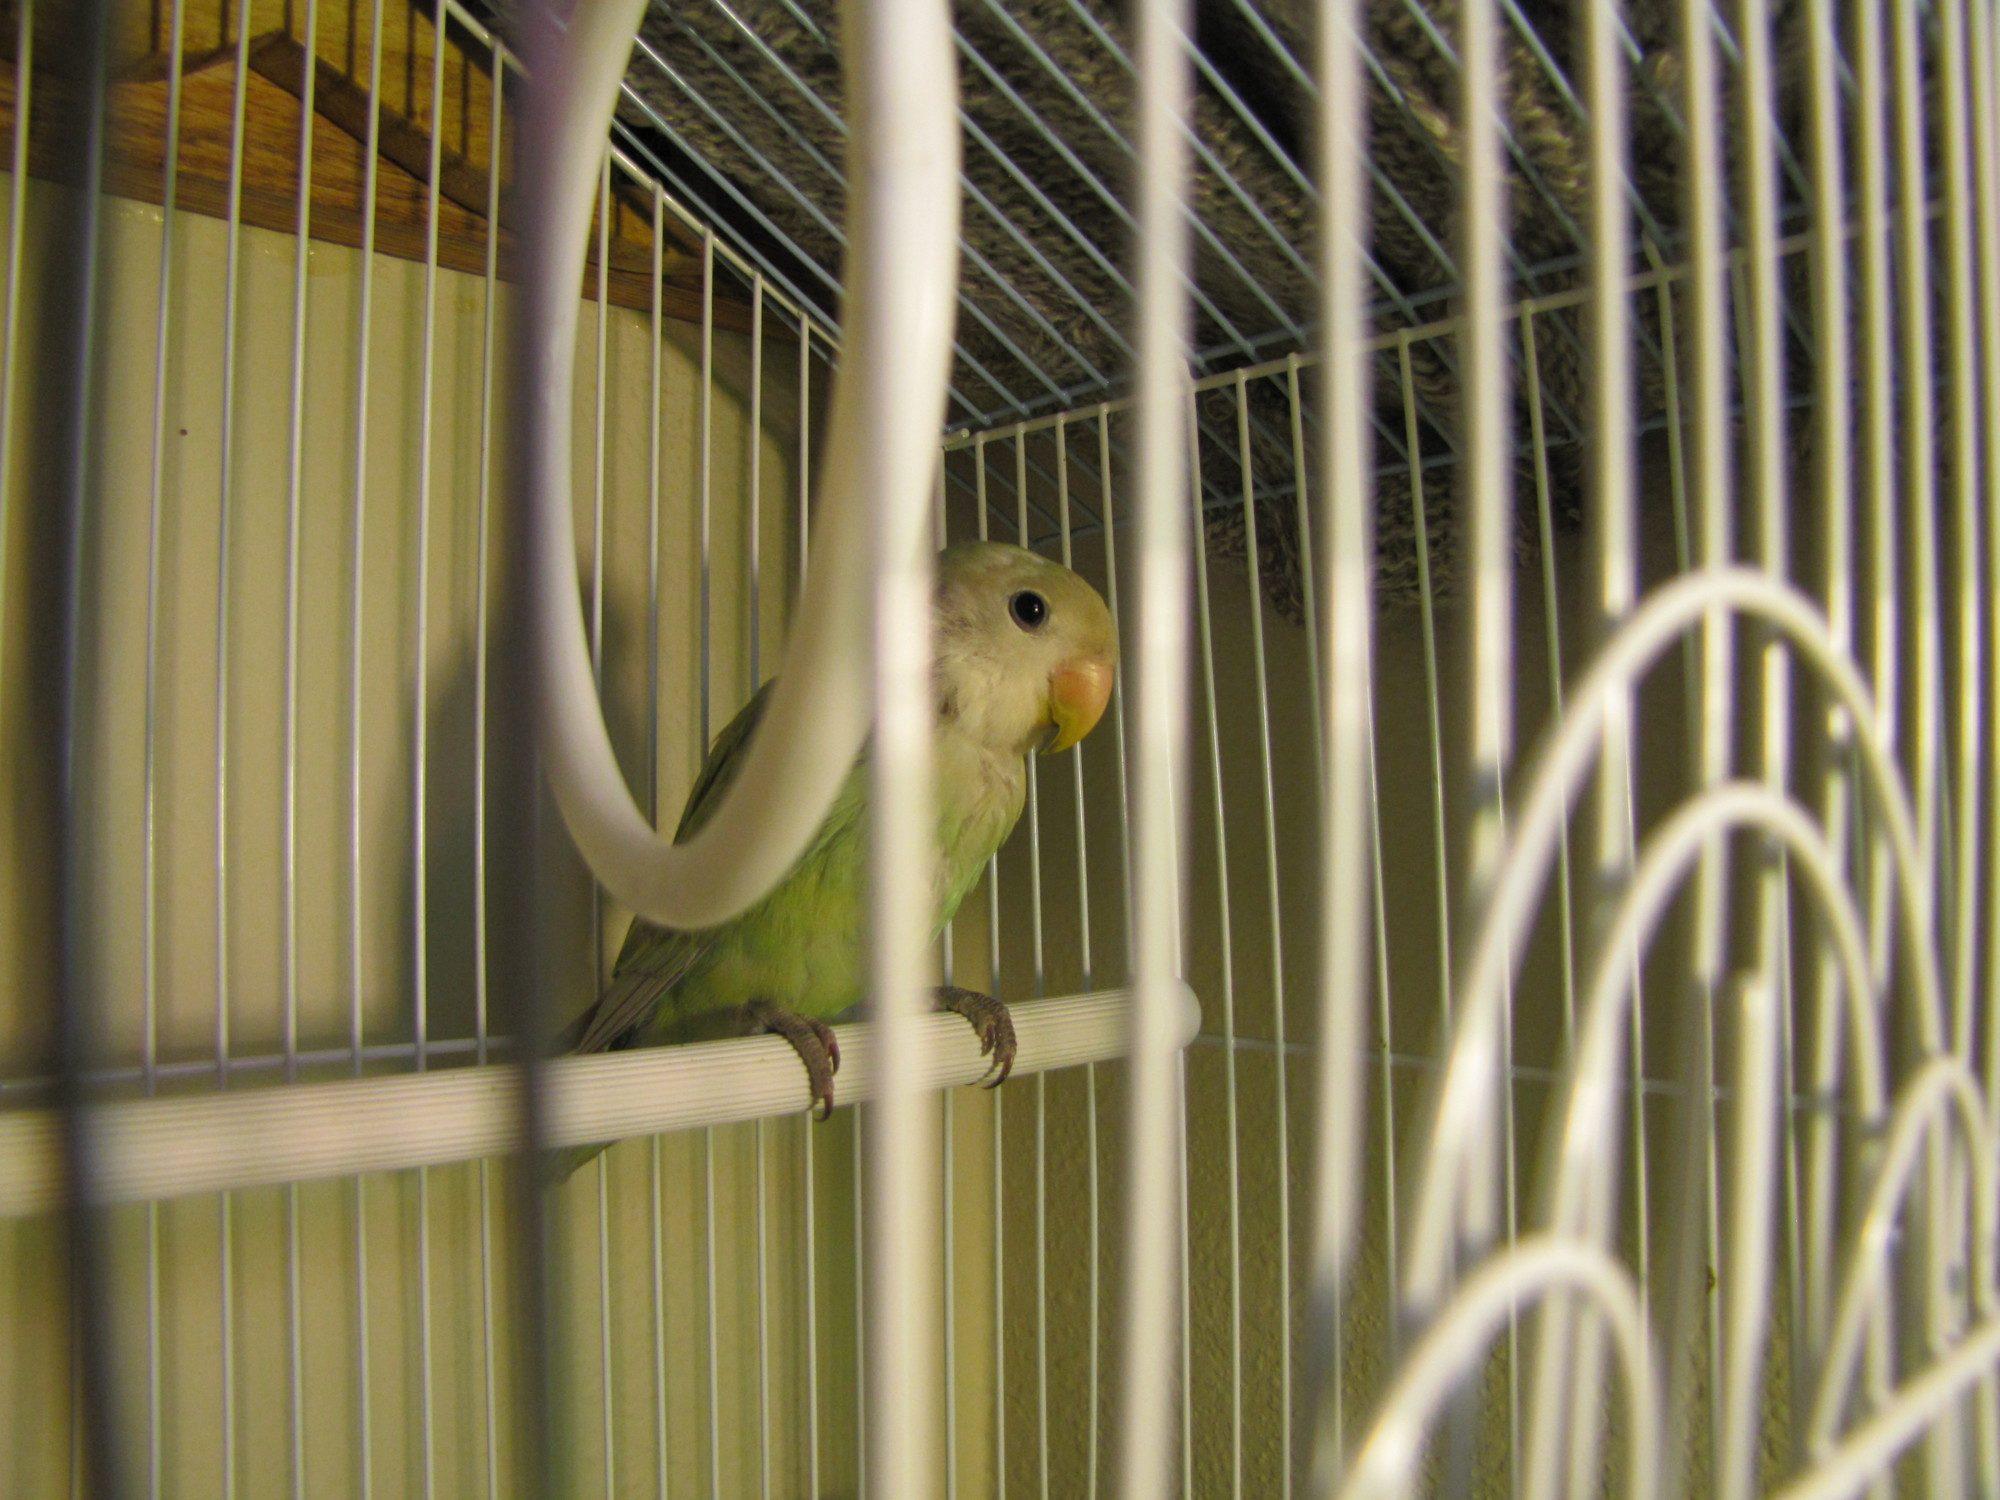 Lovebird I got to babysit.